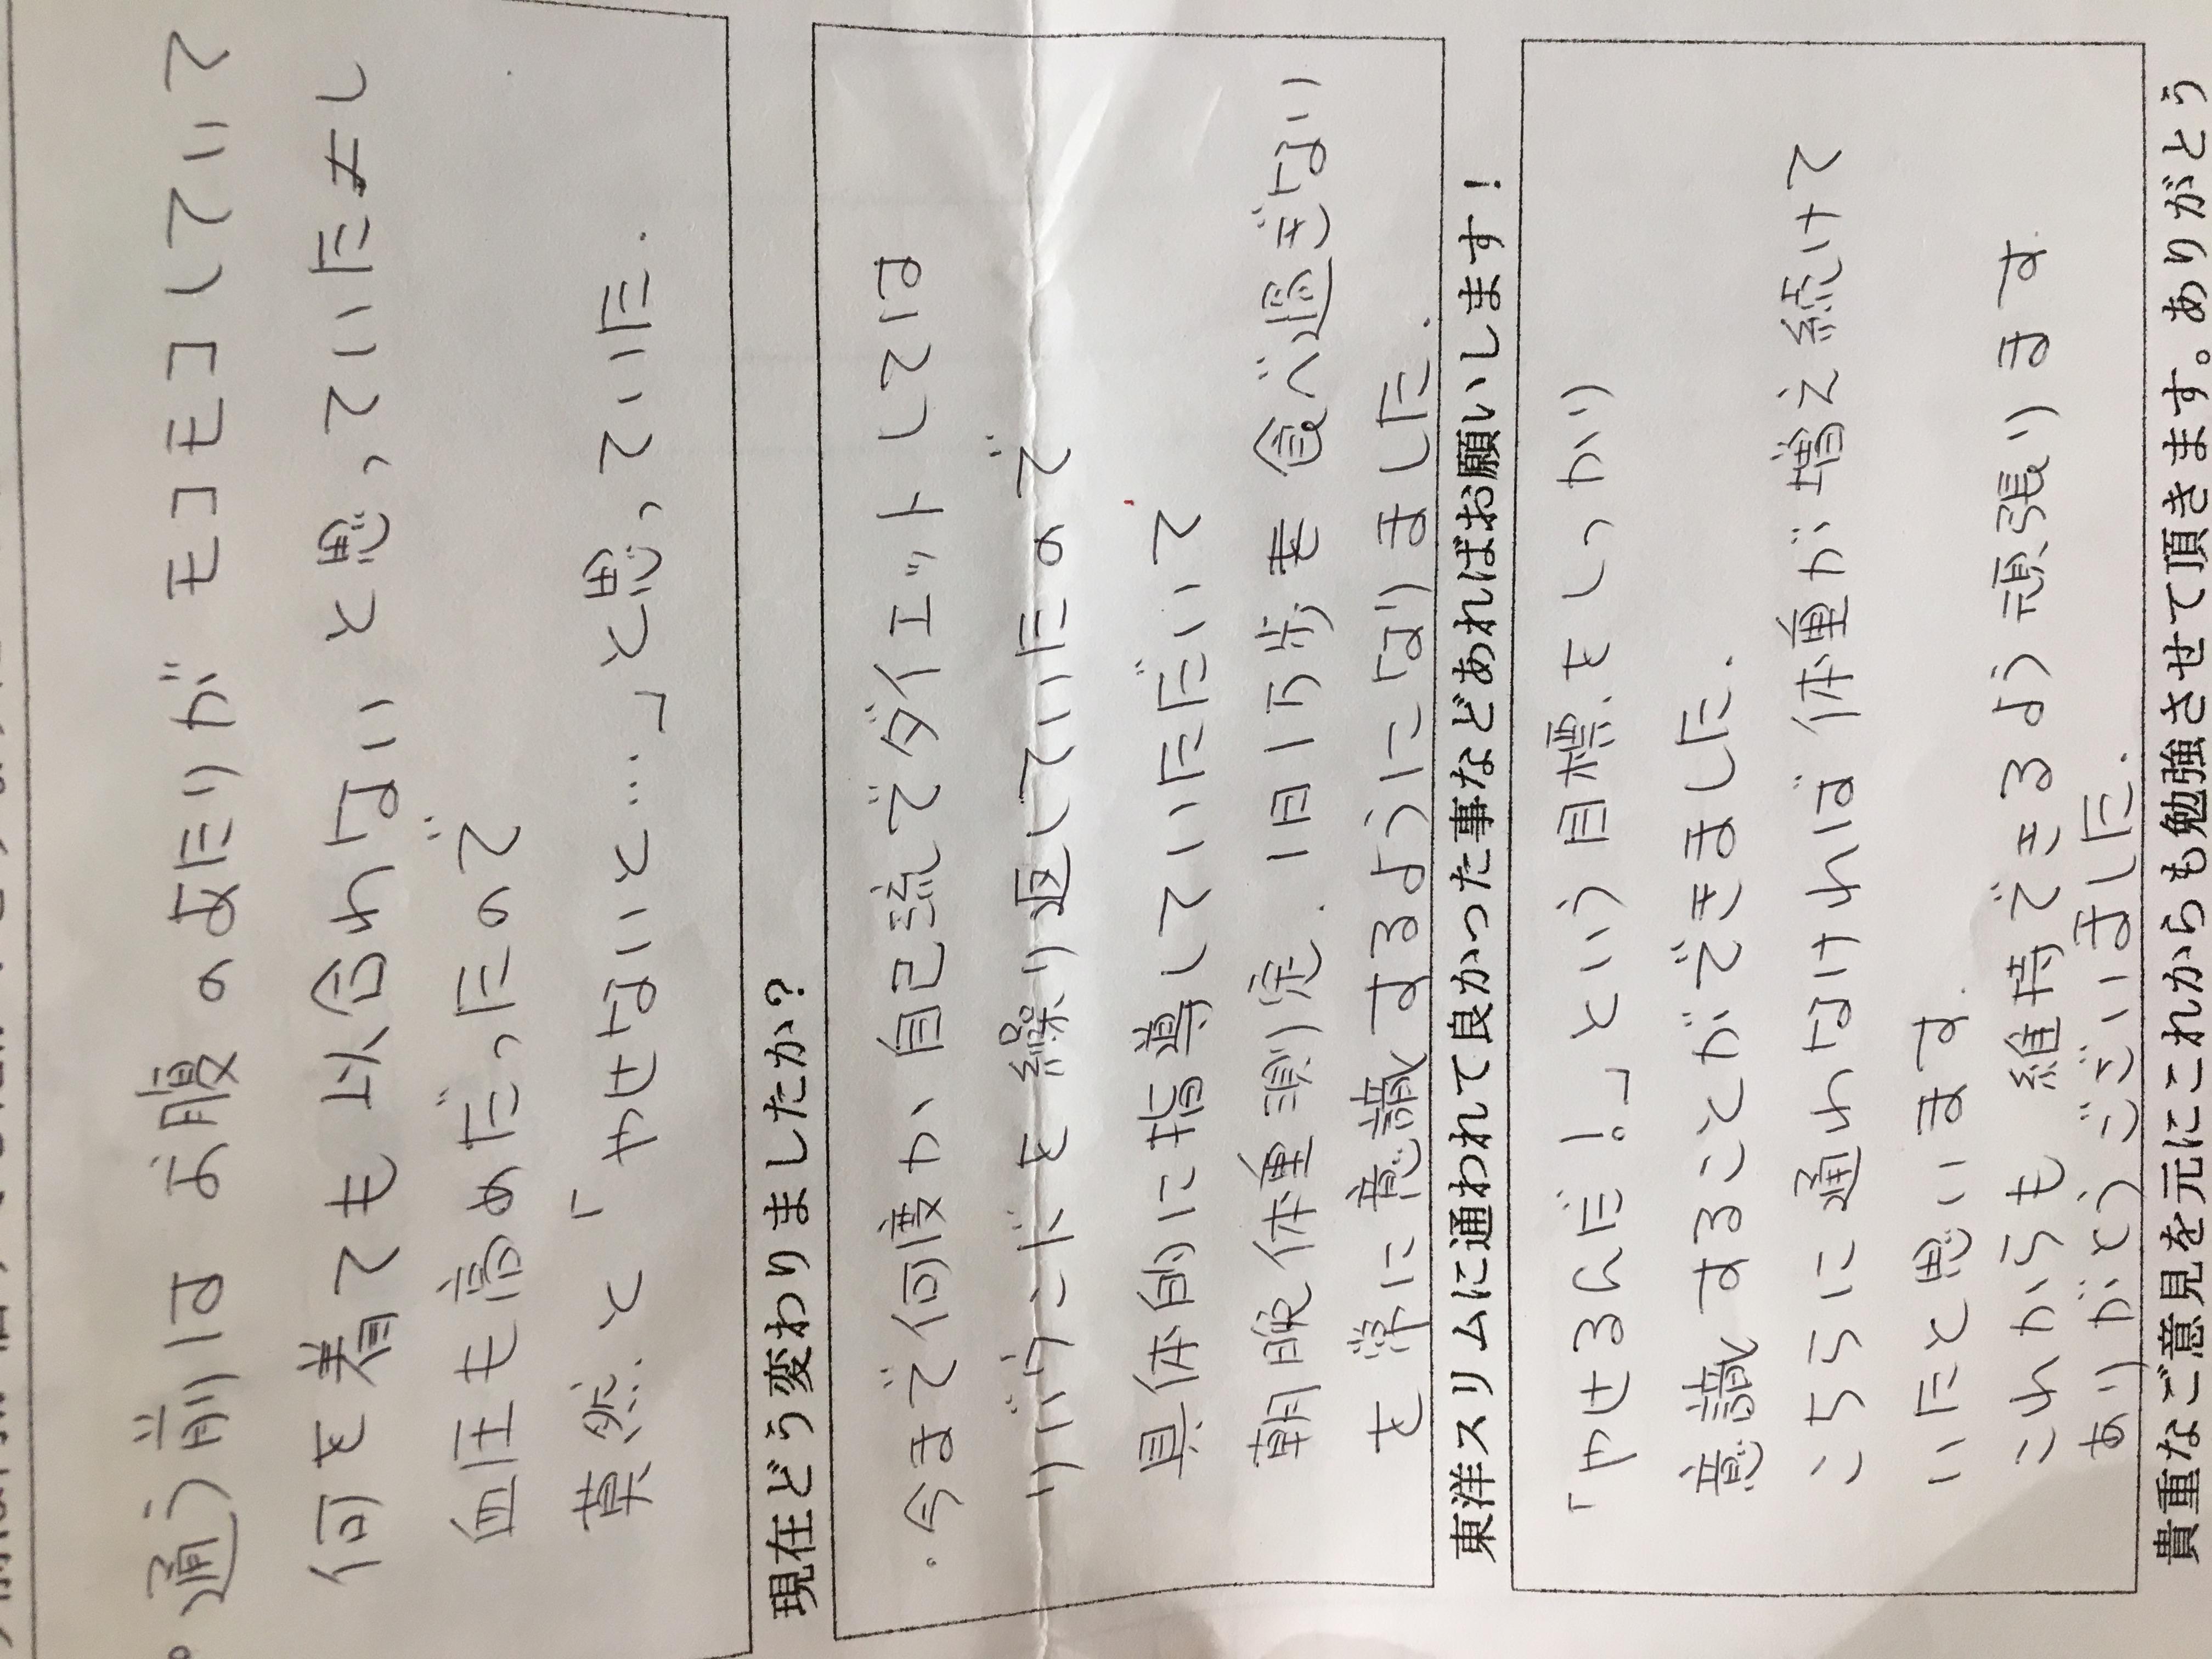 [皆様の口コミ]大阪市平野区Mさん(50代)耳つぼダイエット9kg成功